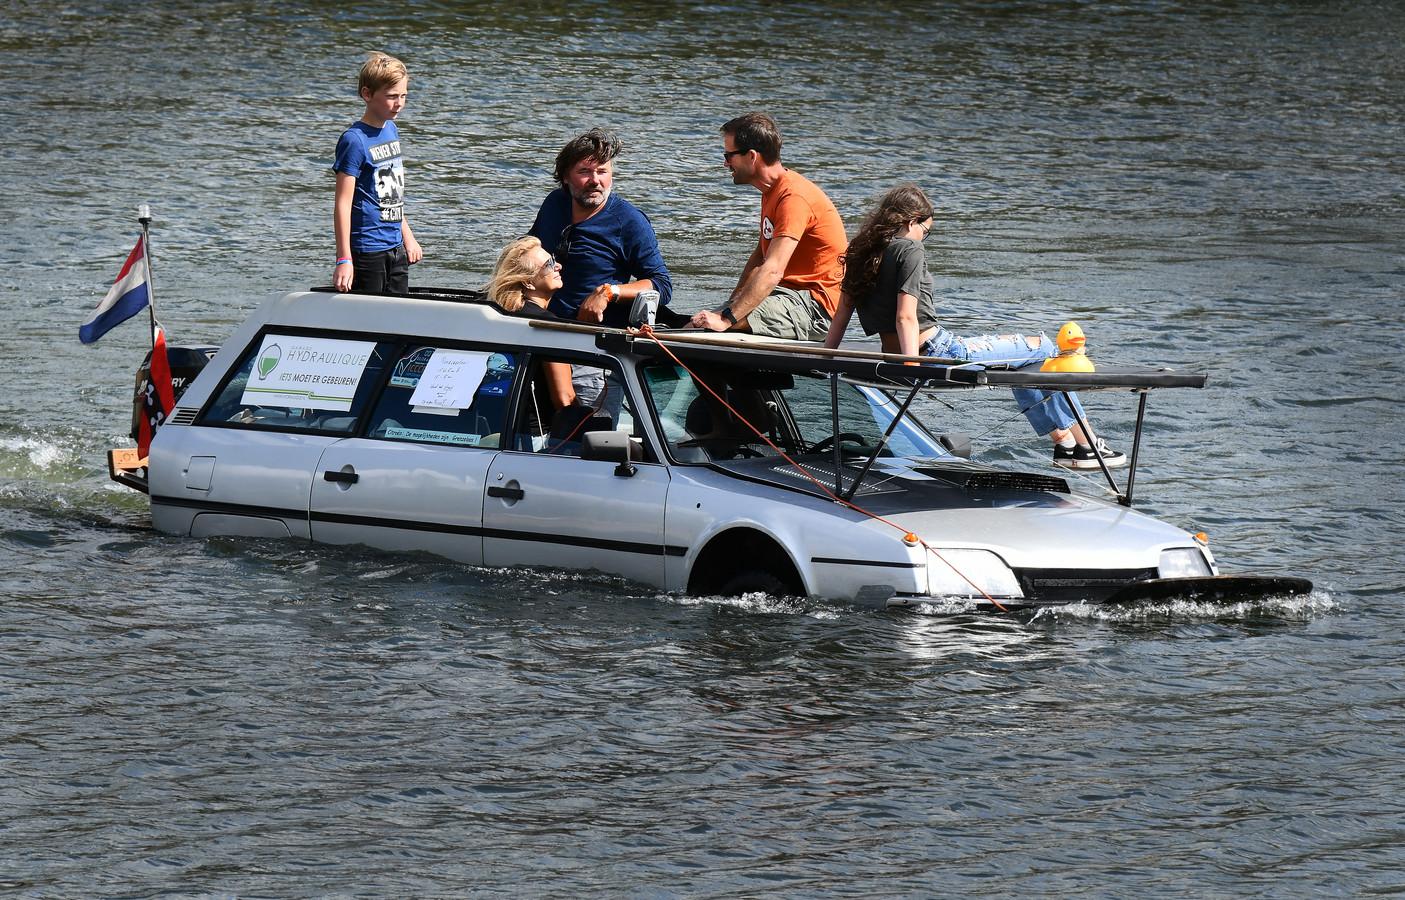 Op het Eiland van Maurik vierden duizenden liefhebbers de honderdste verjaardag van het automerk Citroën.  Verschillende types waren zaterdag te zien, zoals deze varende CX Break.